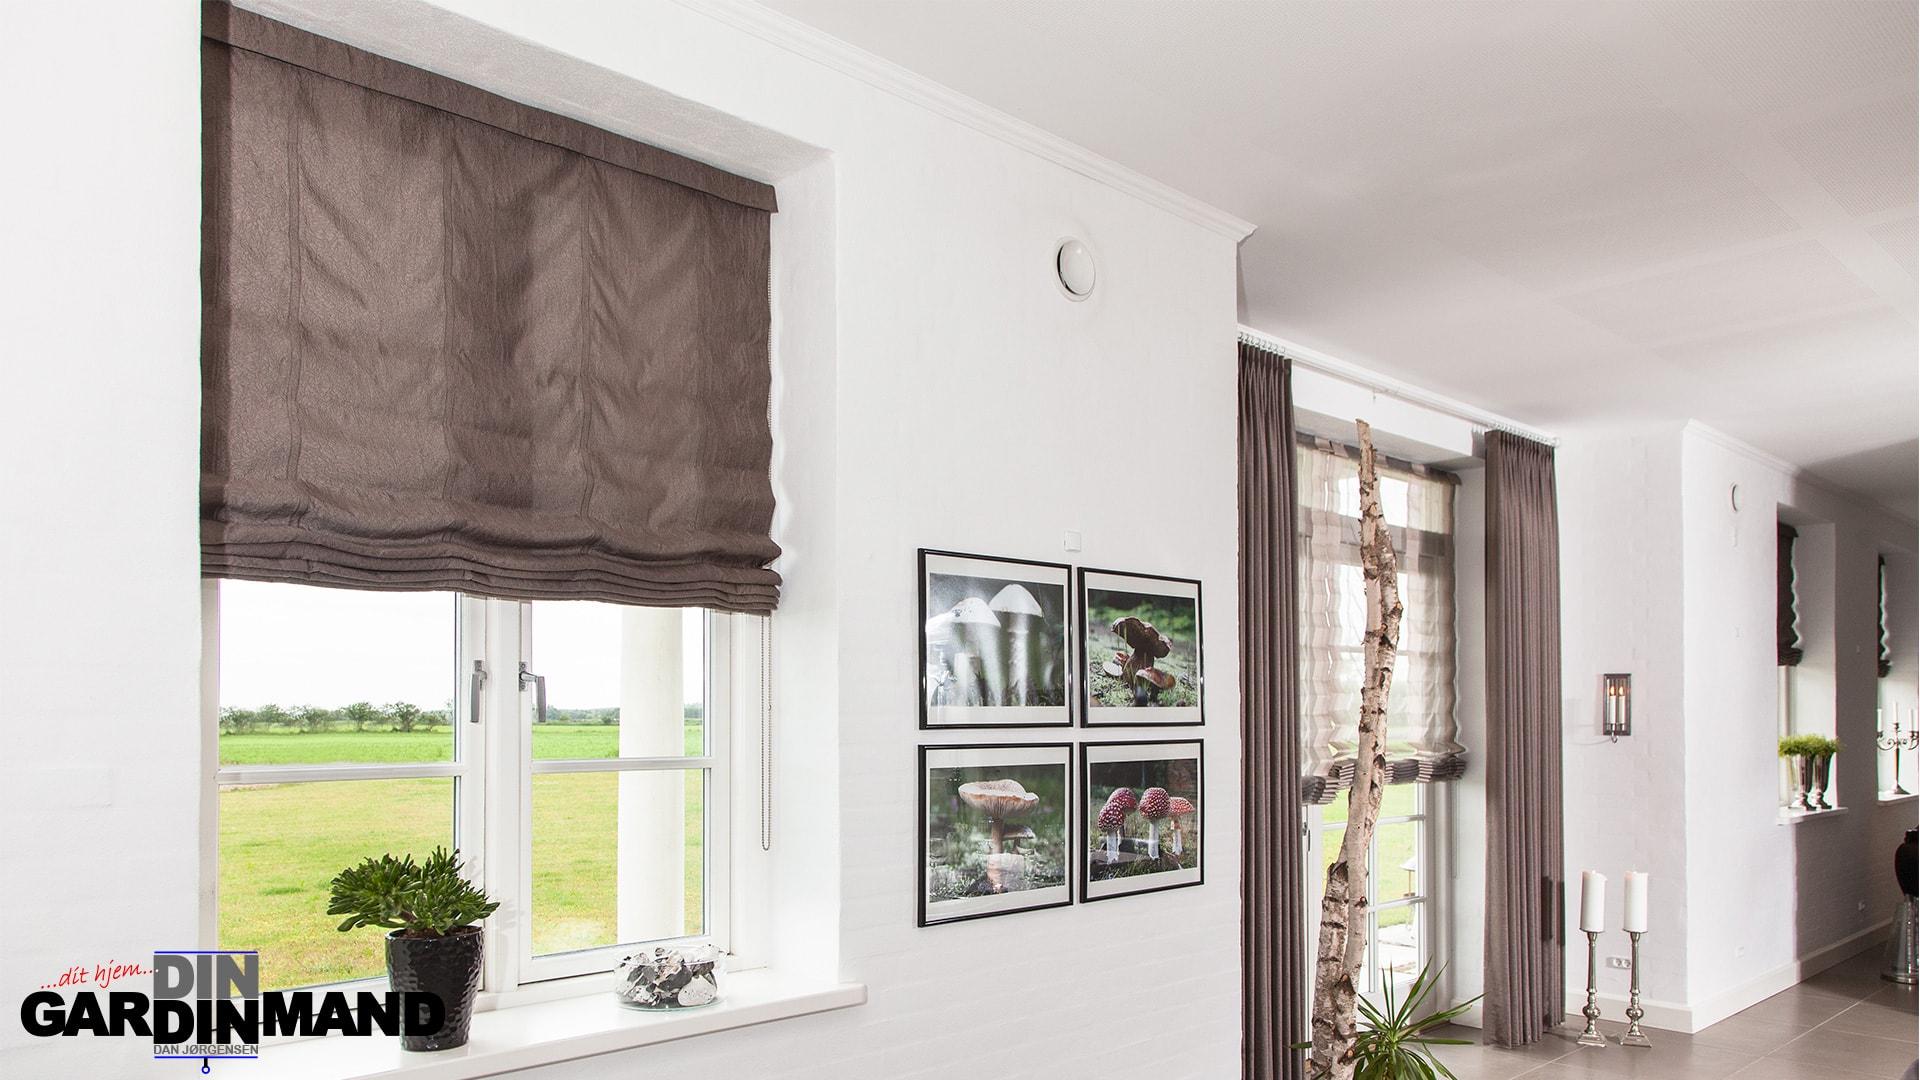 Billige gardiner til din bolig? Bestil uforpligtende møde med Gardinmanden